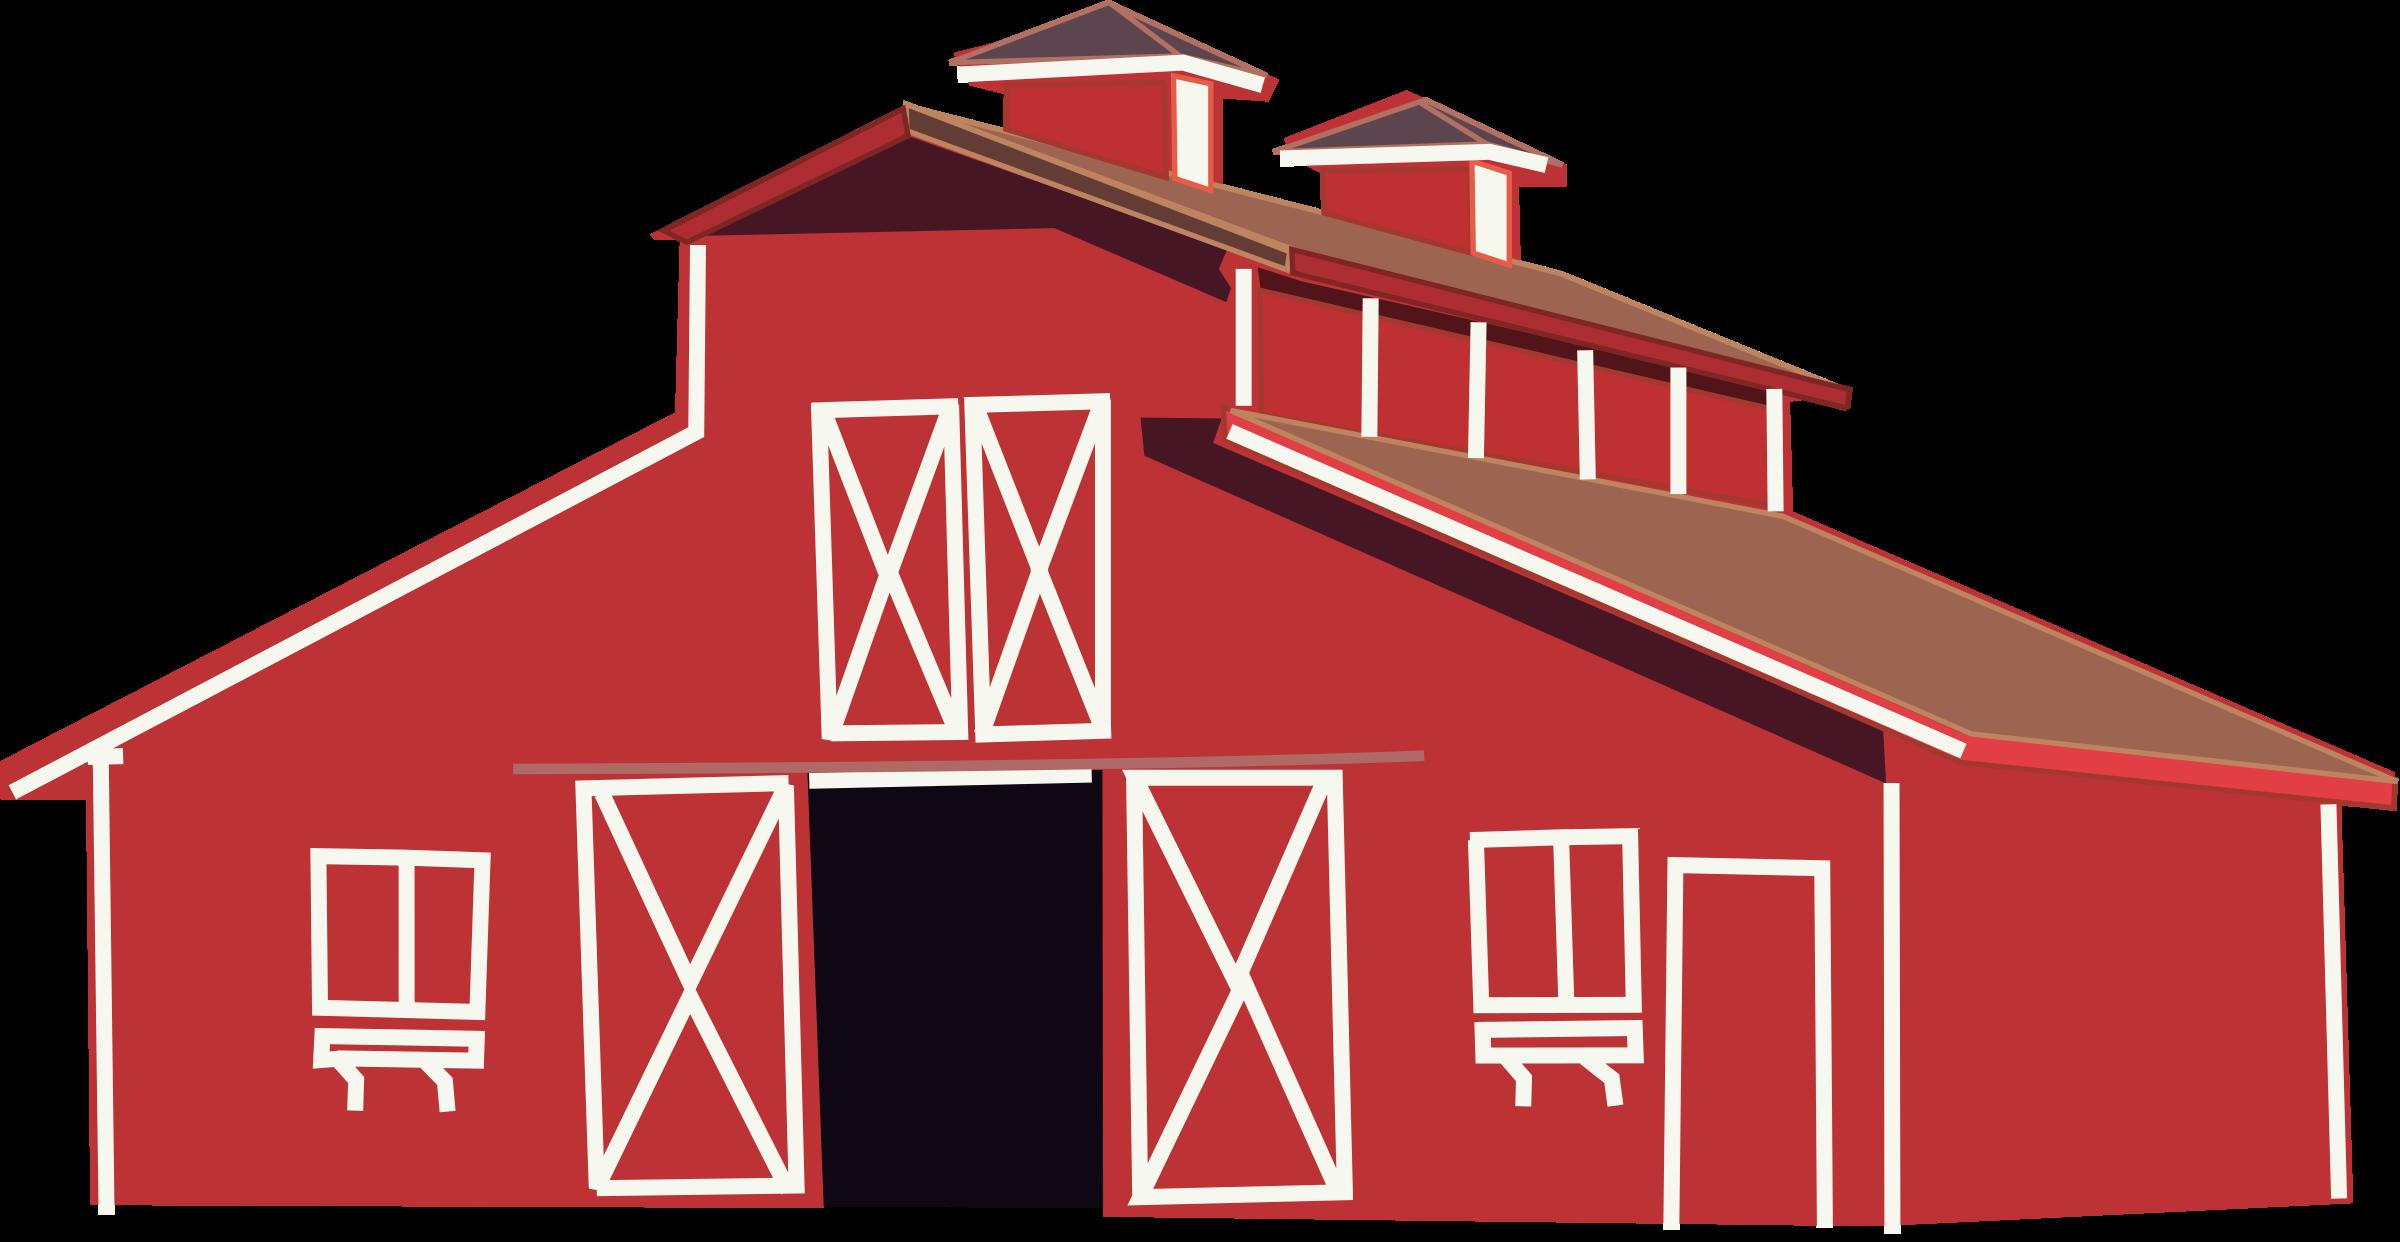 Farming stall